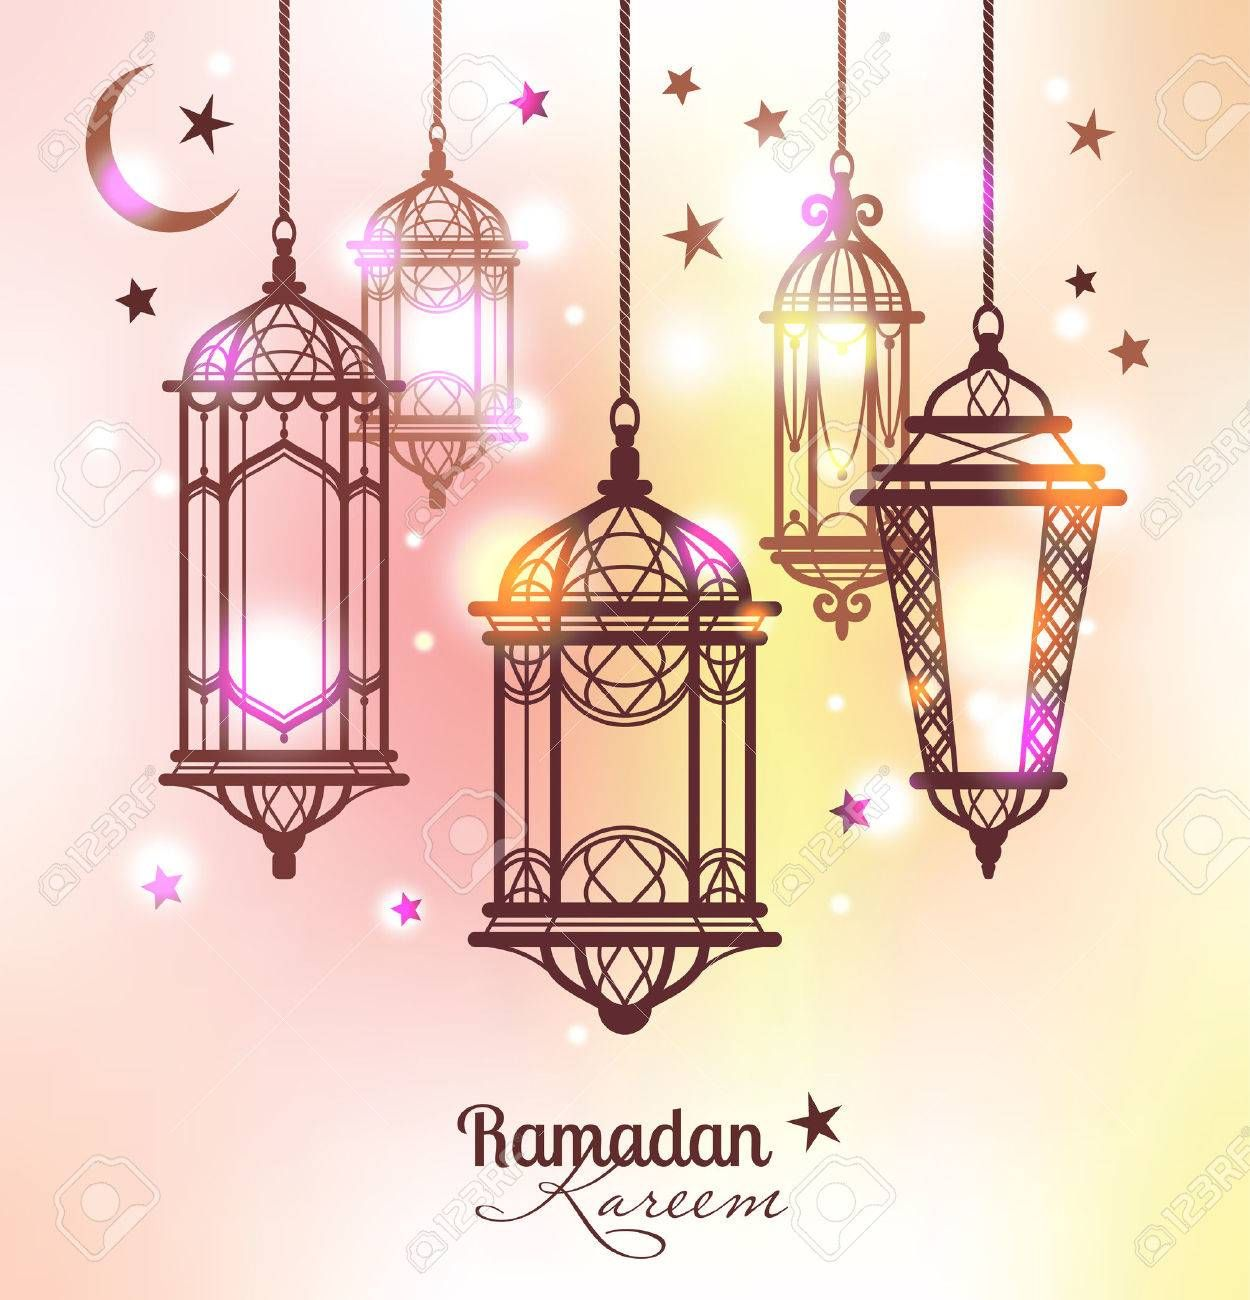 Image Result For Ramadan Kareem Seni Islami Ramadan Desain Banner